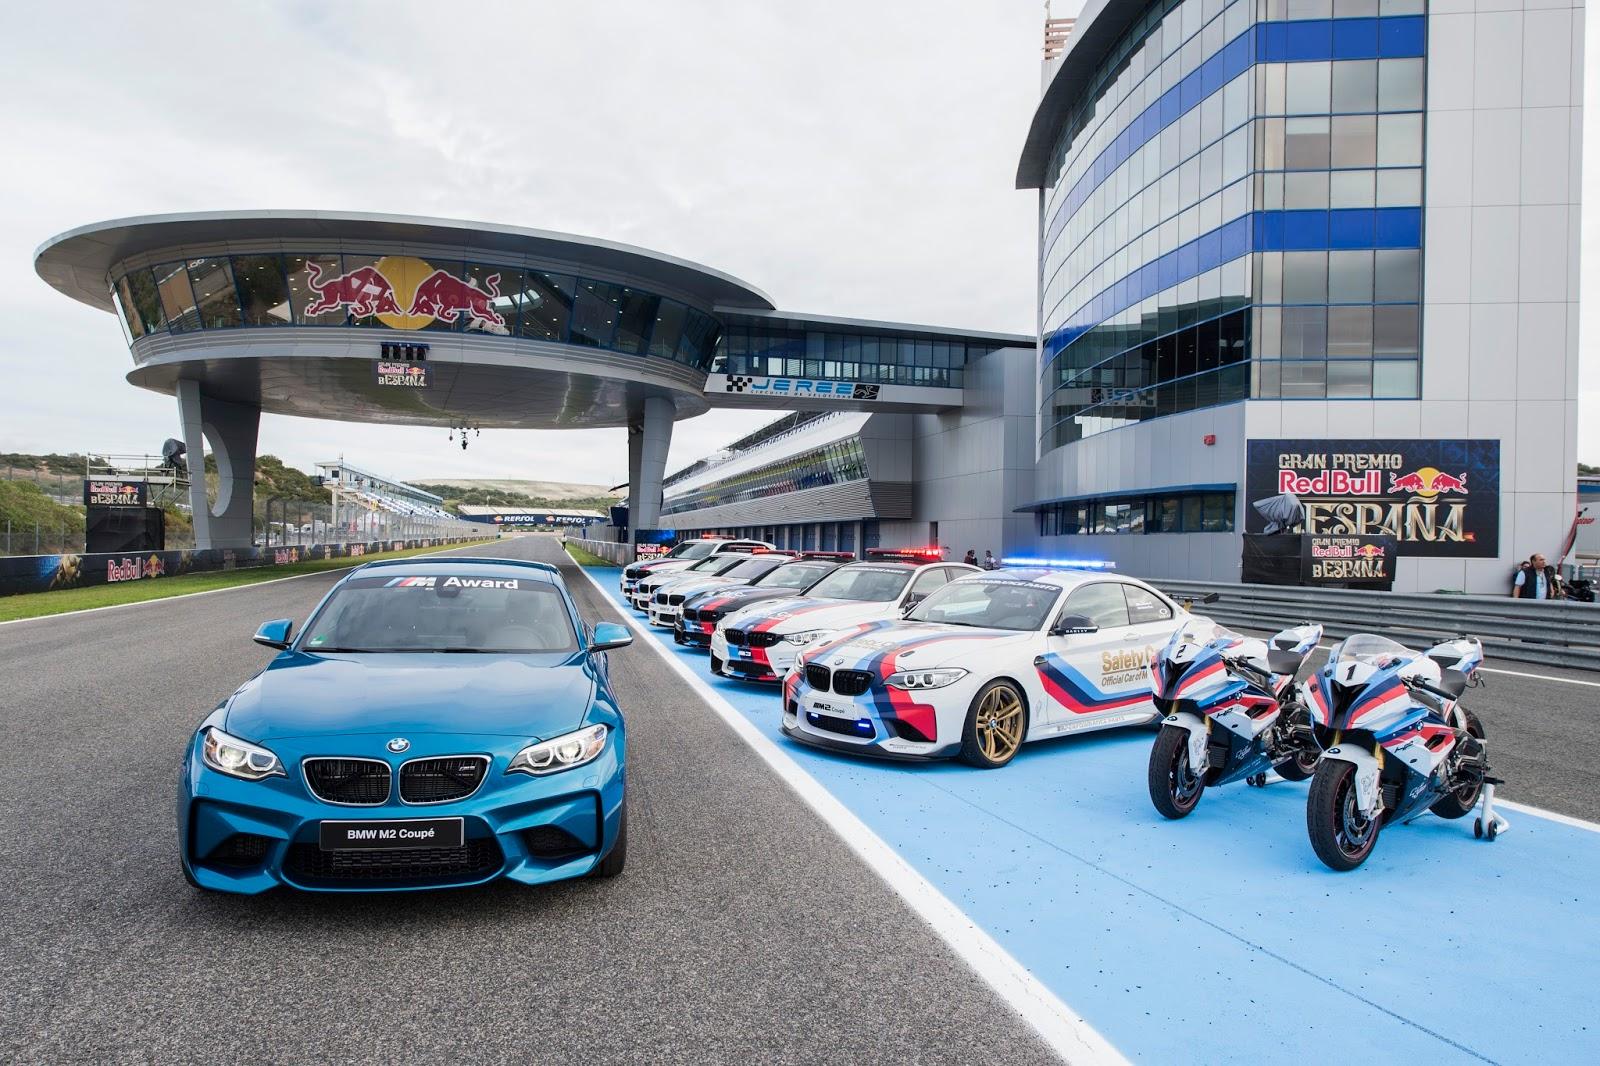 P90216939 highRes 2016 bmw m award pre Μια BMW M2 Coupé το έπαθλο για τον ταχύτερο στις κατατακτήριες δοκιμές στο MotoGP™ BMW M, BMW M Performance, BMW M2, MotoGP, Safety Car